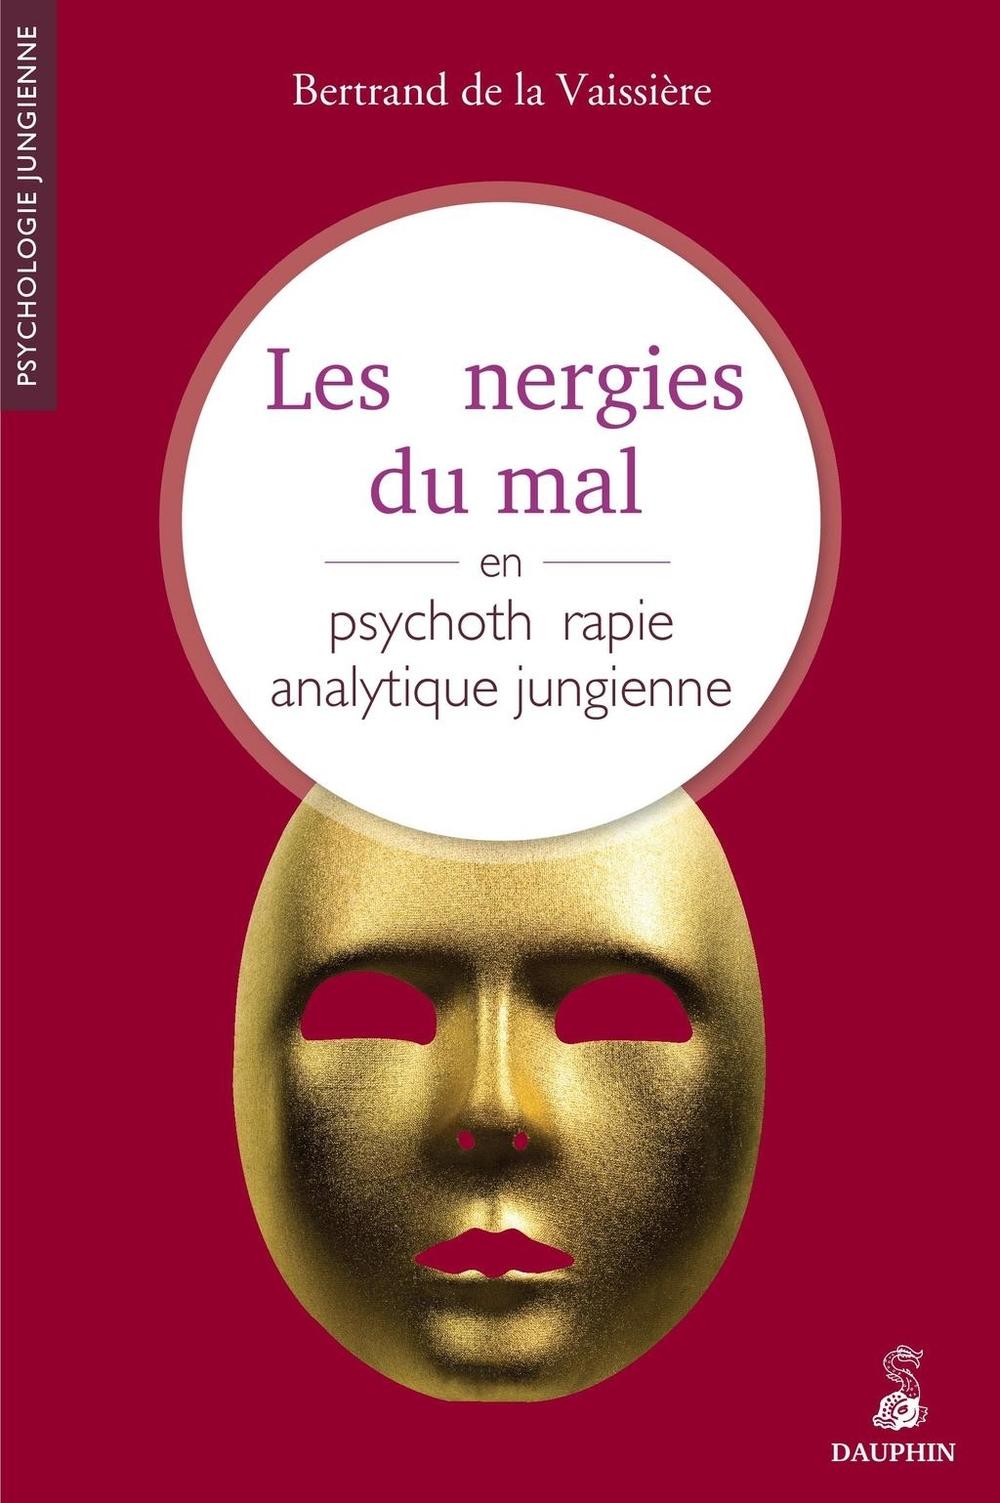 Les énergies du mal en psychothérapie jungienne